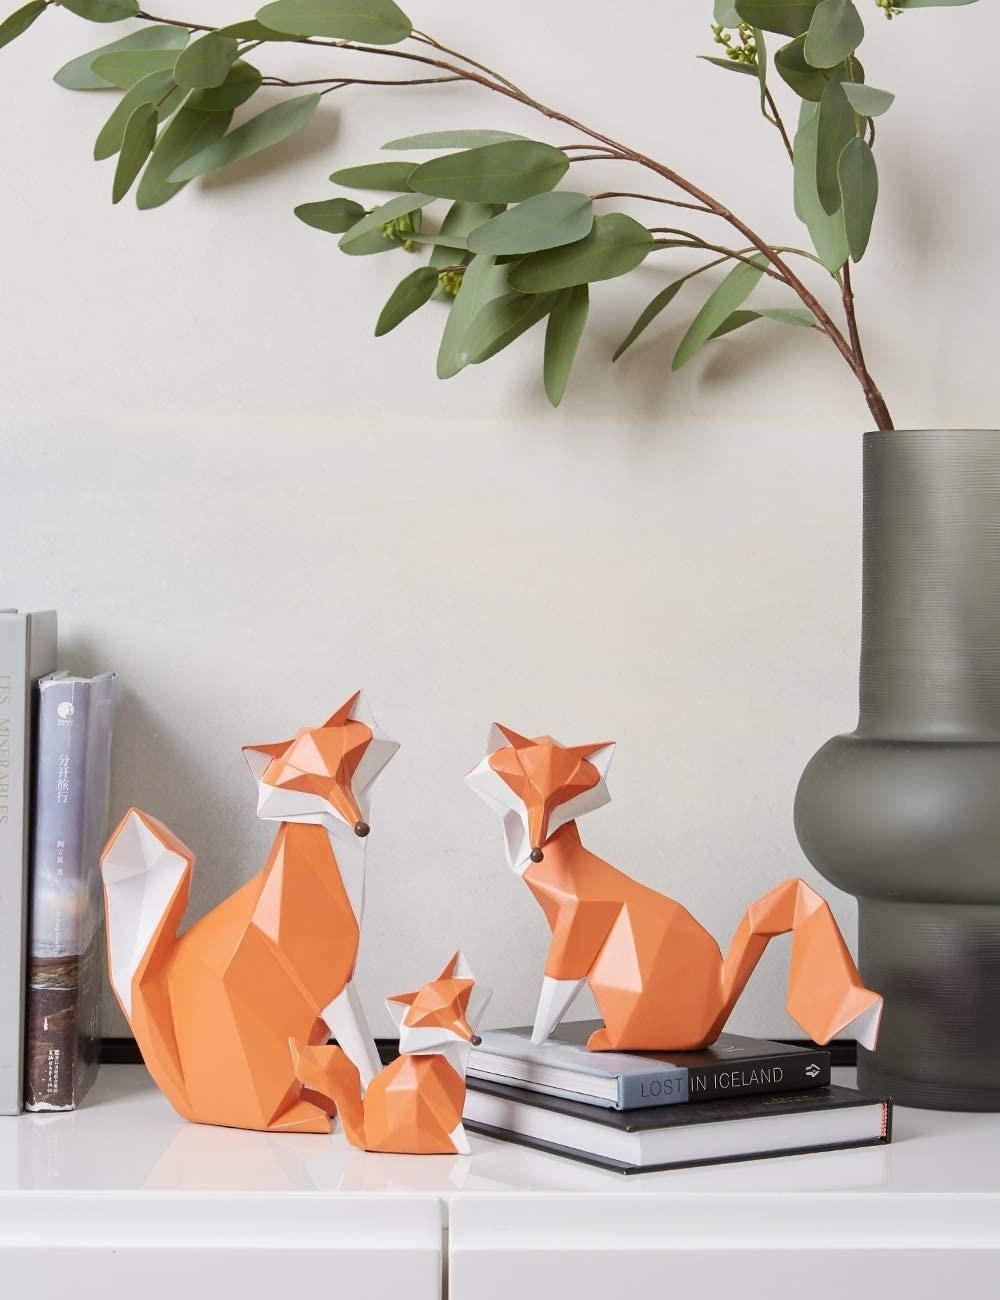 Escultura geométrica de zorro